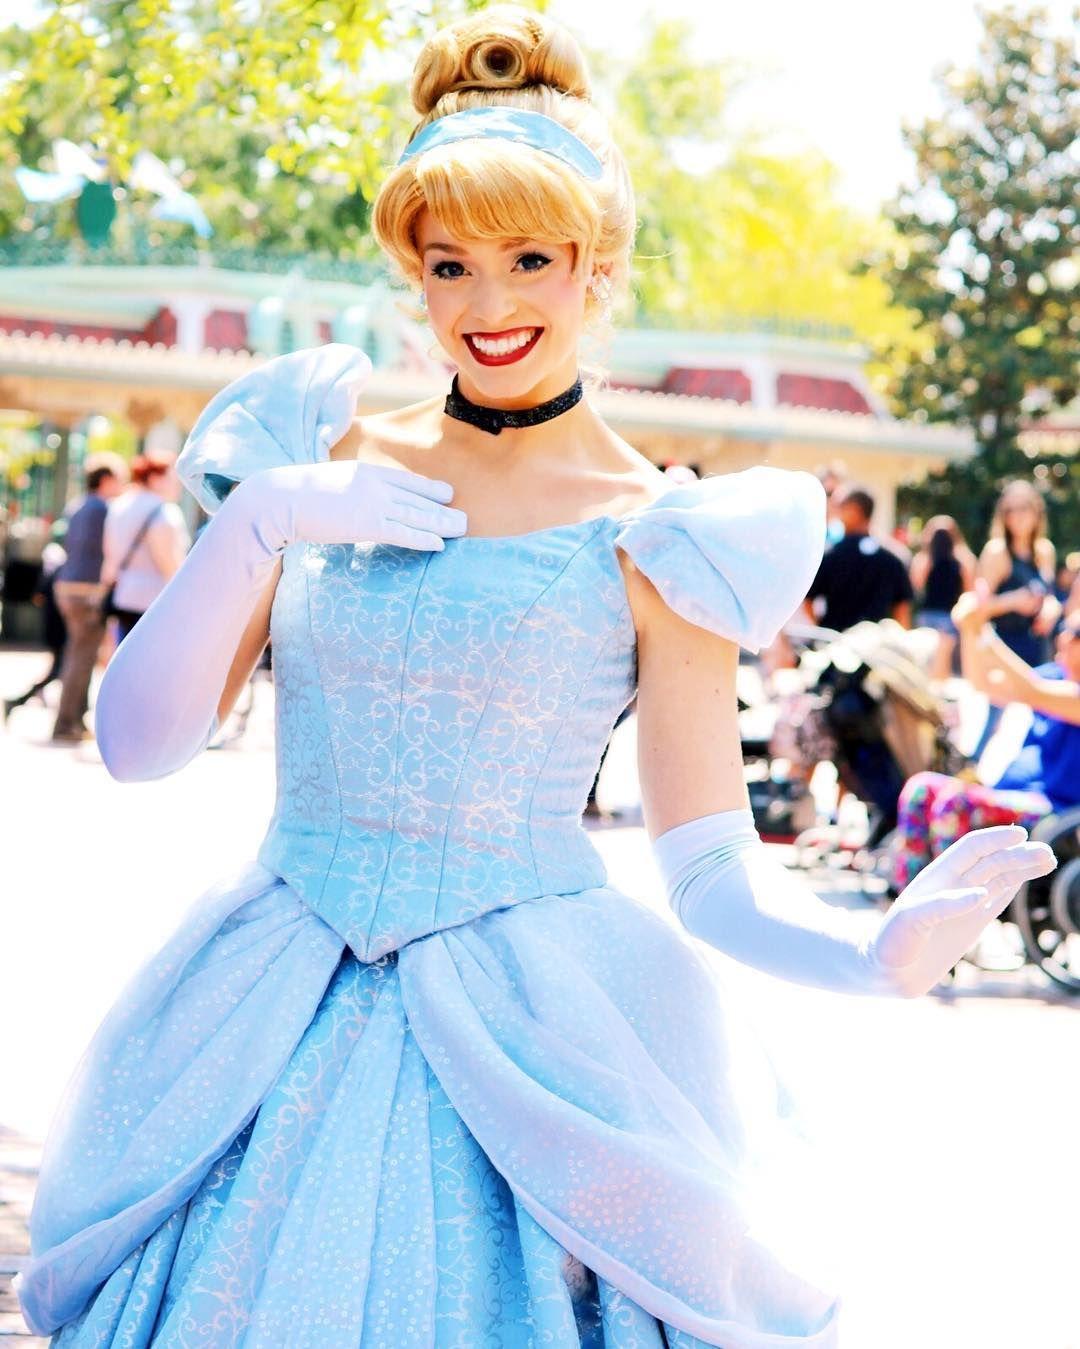 Cinderella #disneyland #cinderella By